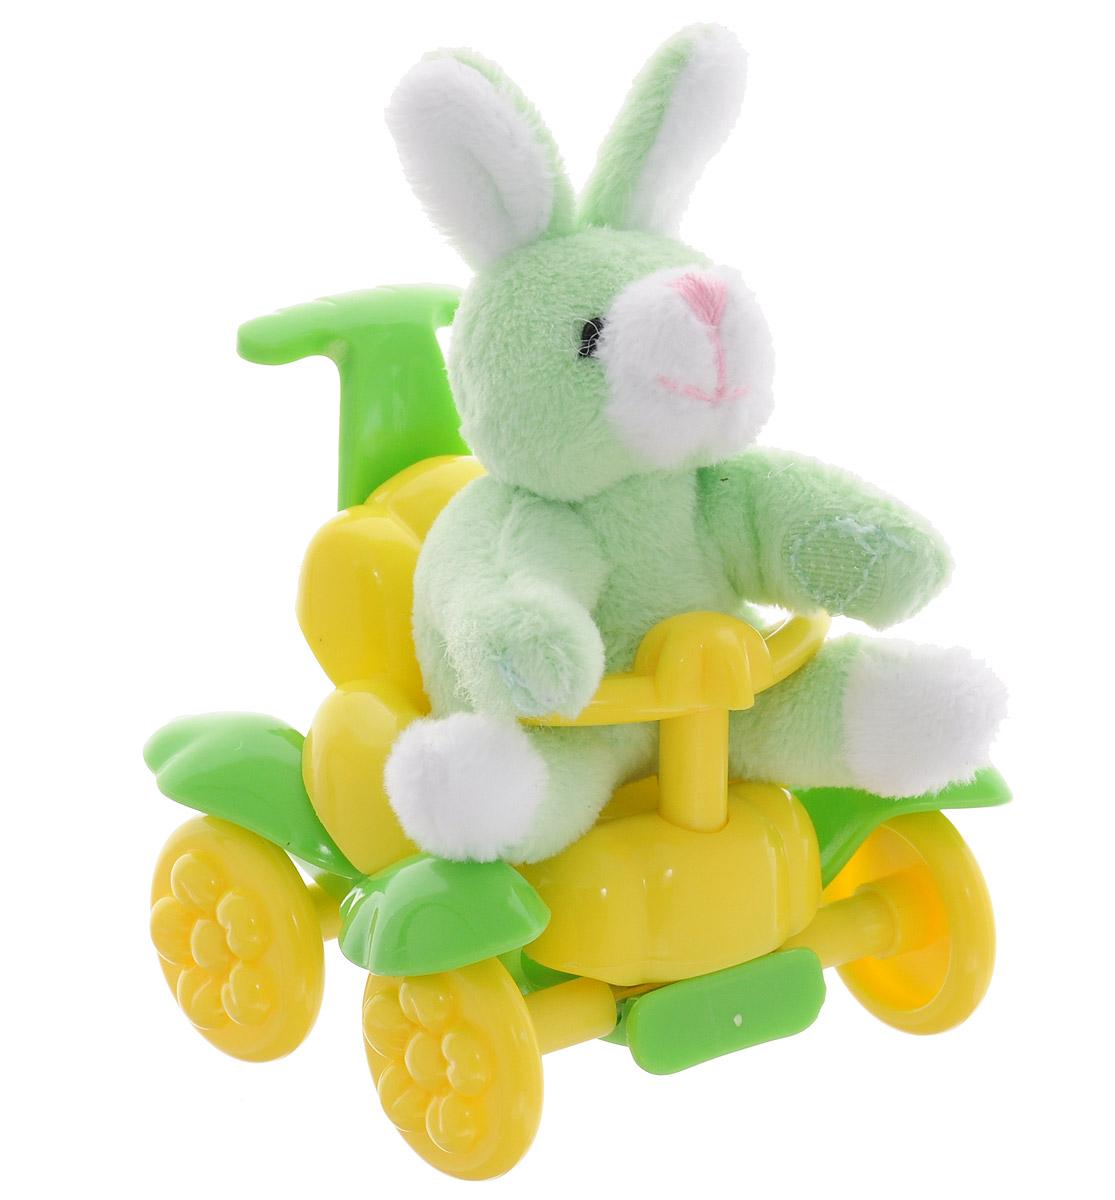 Beanzees Мягкая игрушка Кролик Boppy 6,5 смB32061Очаровательная мягкая игрушка Beanzees Кролик Boppy подарит своей владелице море позитивных эмоций. Кролика можно катать на каталке или играть с ним отдельно. Мягкие игрушки Beanzees - крошечные плюшевые животные. С помощью липучек на лапках зверюшек можно скреплять игрушки в браслеты и ожерелья или просто украсить комнату гирляндой из них. Животики фигурок заполнены гранулами, что делает их очень приятными на ощупь, развивает тактильные ощущения и помогает снять эмоциональное напряжение!